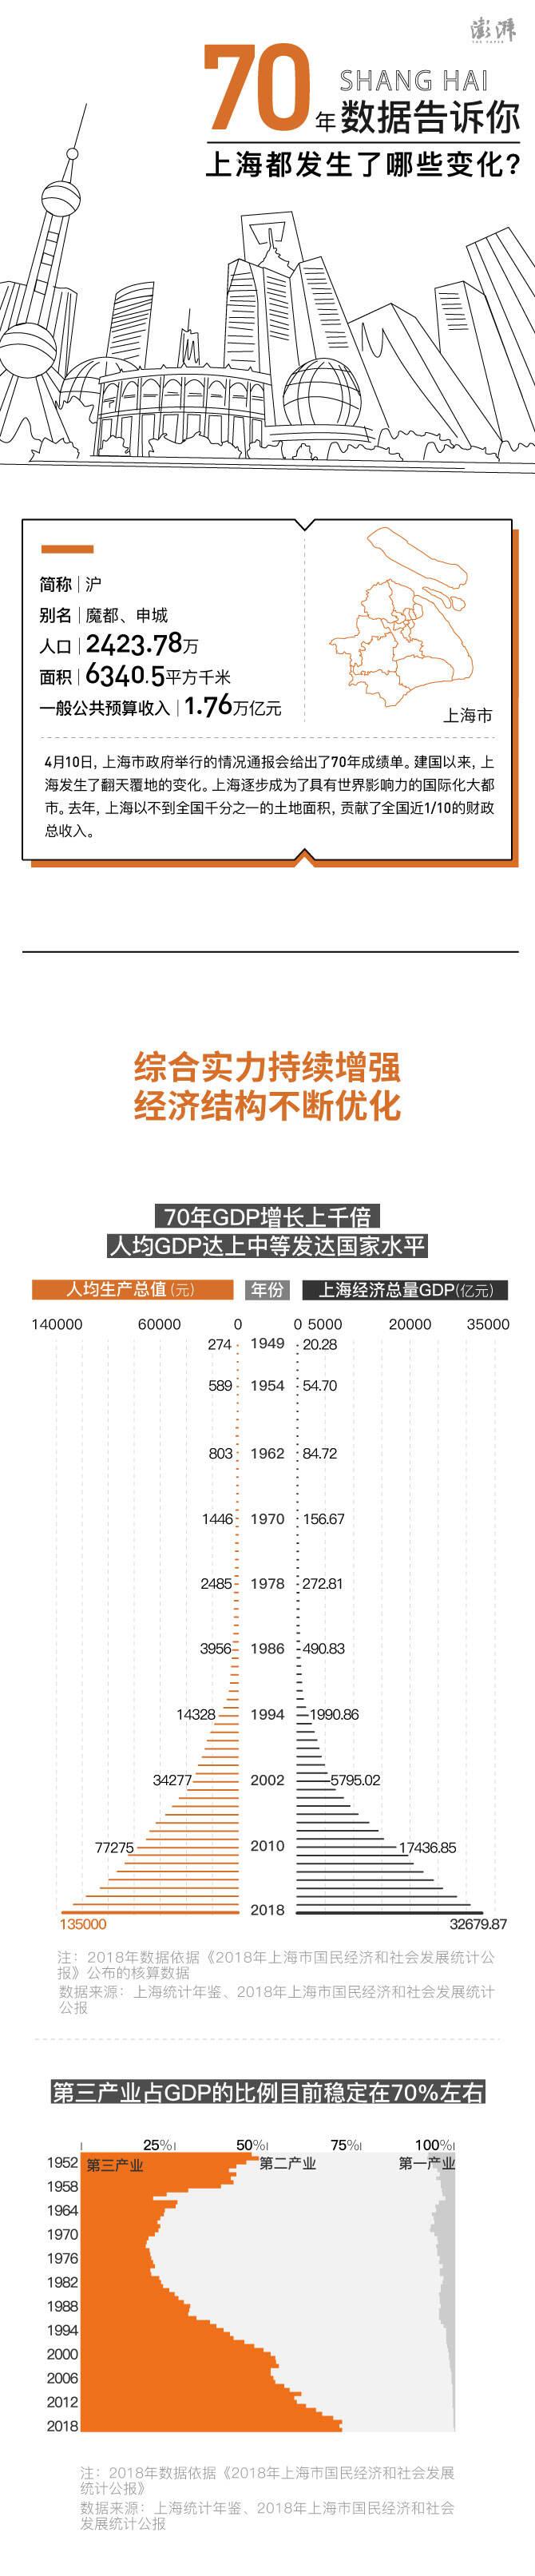 一图到底 | 70年数据告诉你,上海都发生了哪些变化